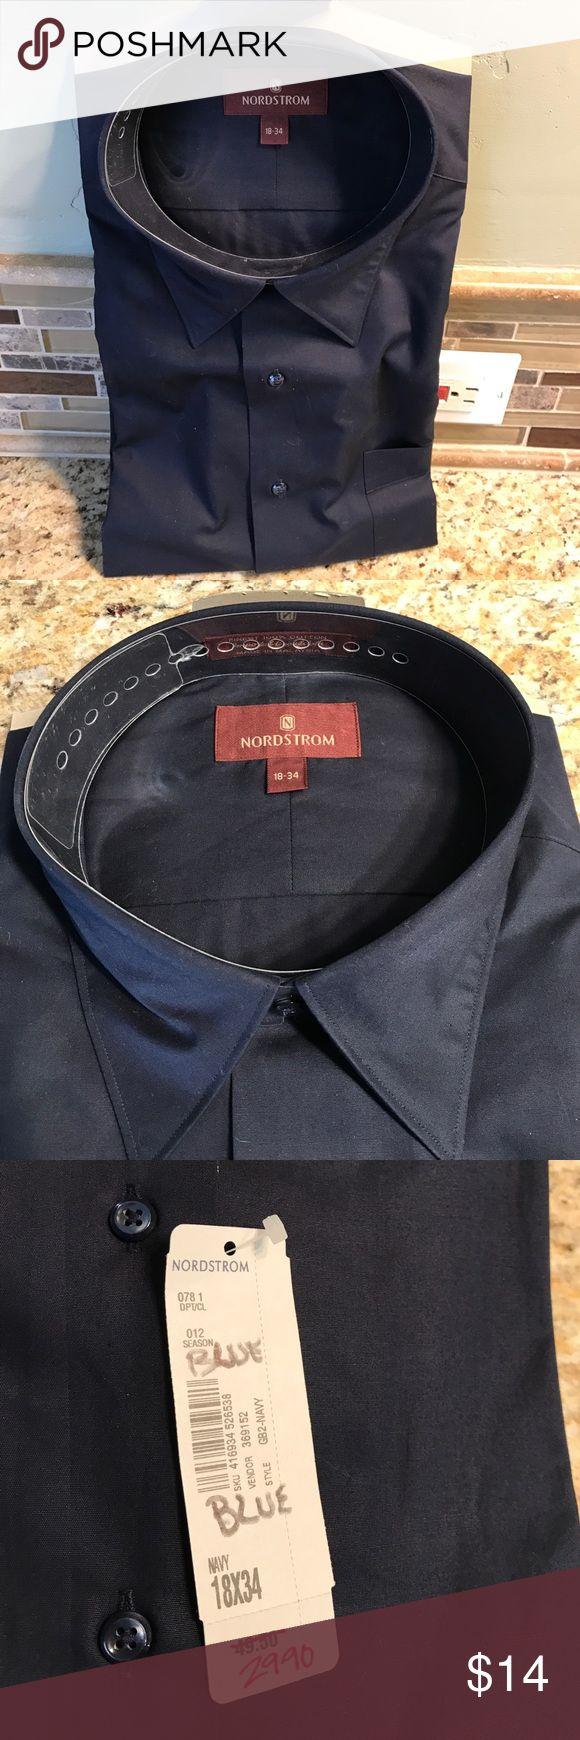 Nordstrom Navy Blue Men's Dress Shirt Navy Blue Long Sleeve men's dress shirt size 18-34.  Brand new still has tags Nordstrom Shirts Dress Shirts